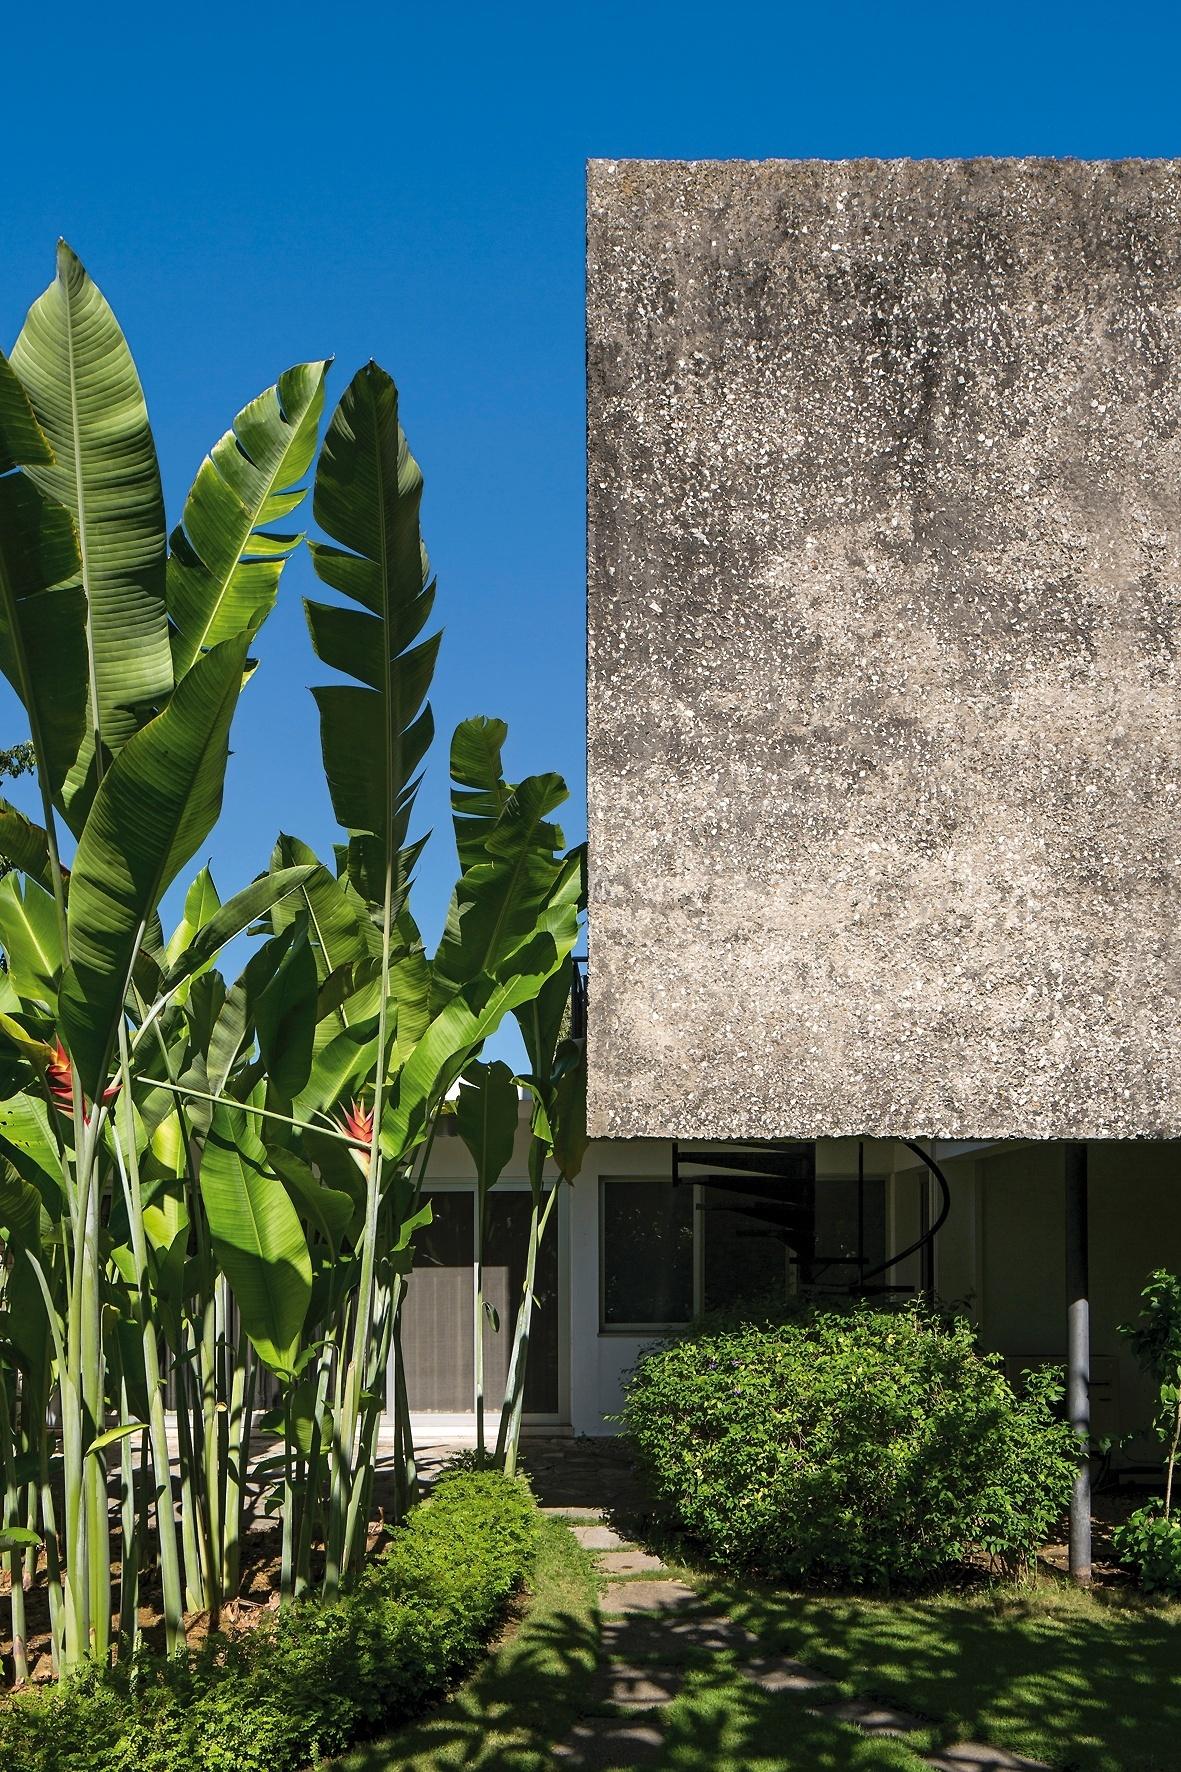 A empena cega (concreto) da fachada leste tem como objetivo dar privacidade à suíte do casal. Embaixo e em primeiro plano está o jardim do quarto de hóspedes, com helicônias. Com paisagismo de Roberto Burle Marx, a Casa Schulthess tem arquitetura de Richard Neutra e fica em Havana, Cuba